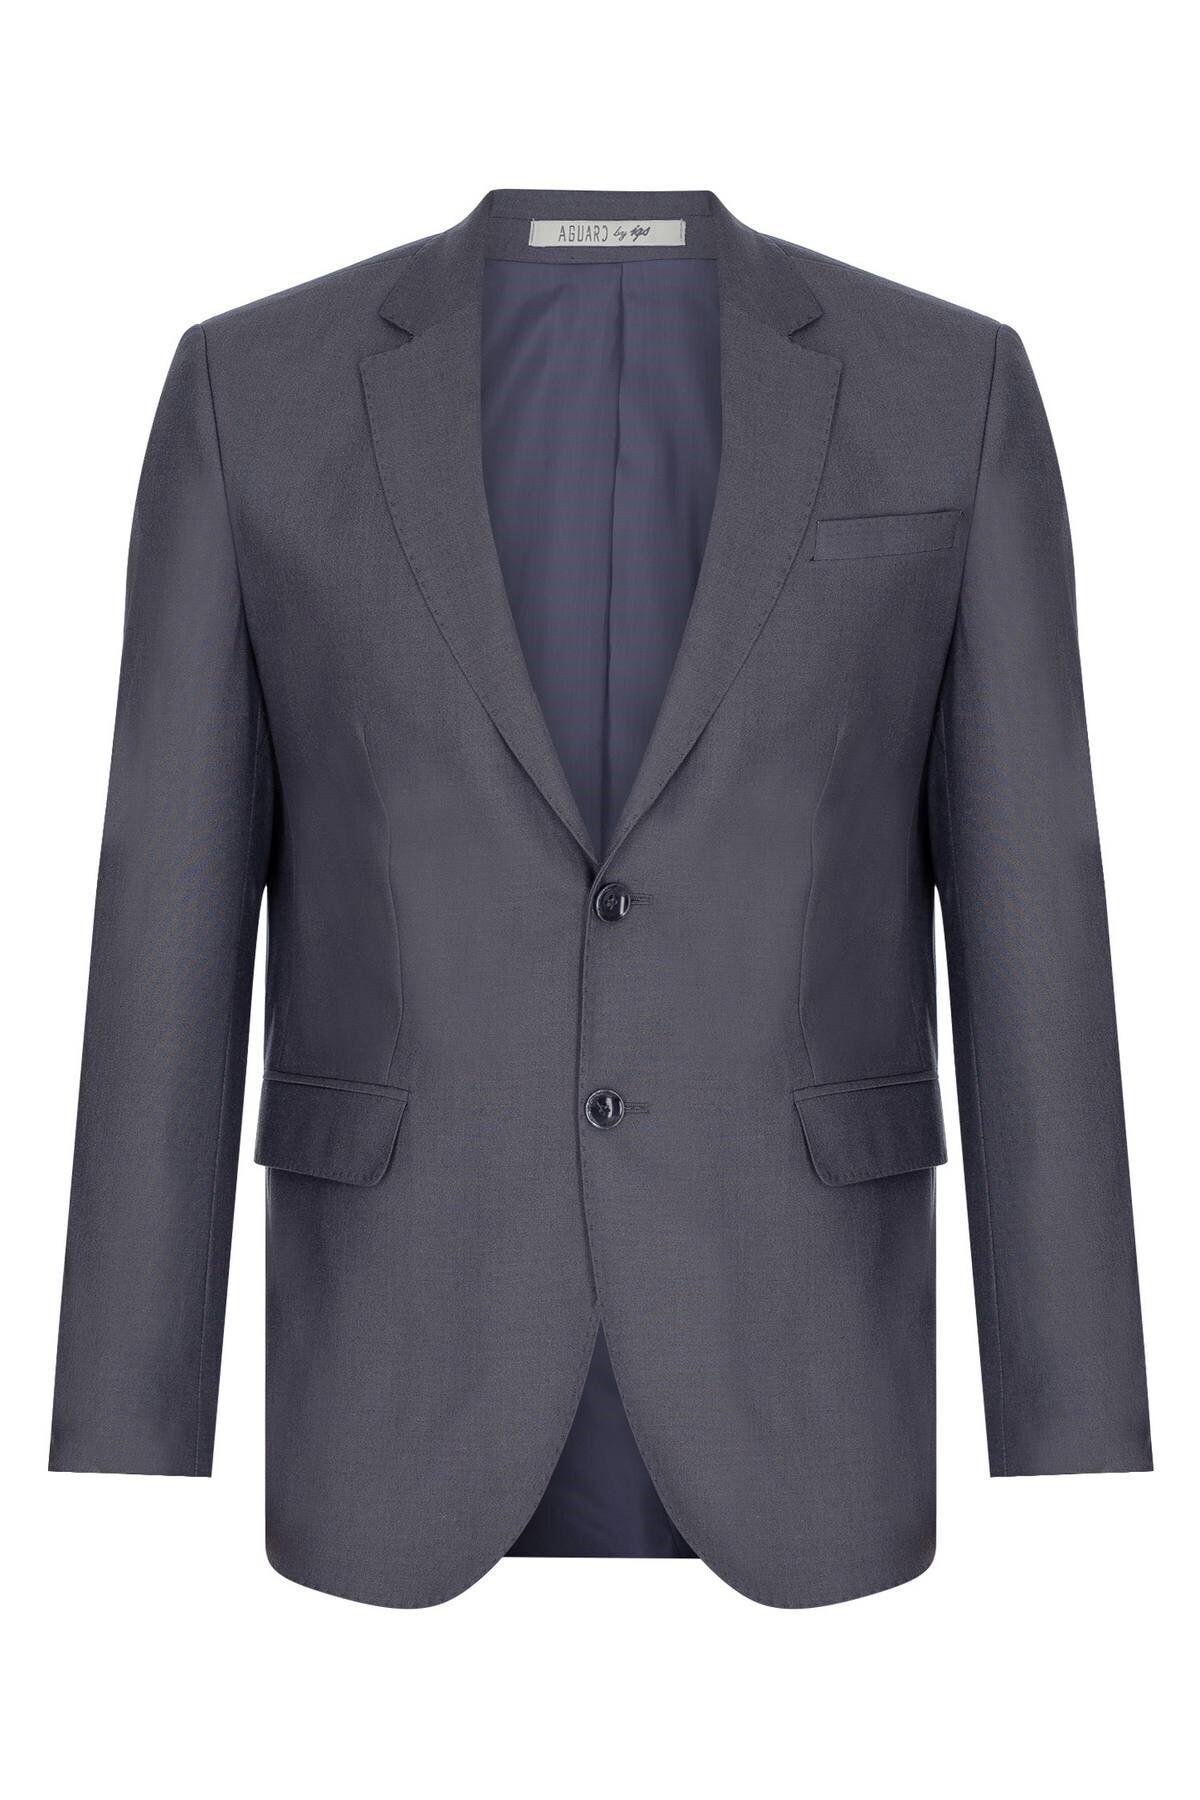 İgs Erkek Duman Barı / Geniş Kalıp Std Takım Elbise 2